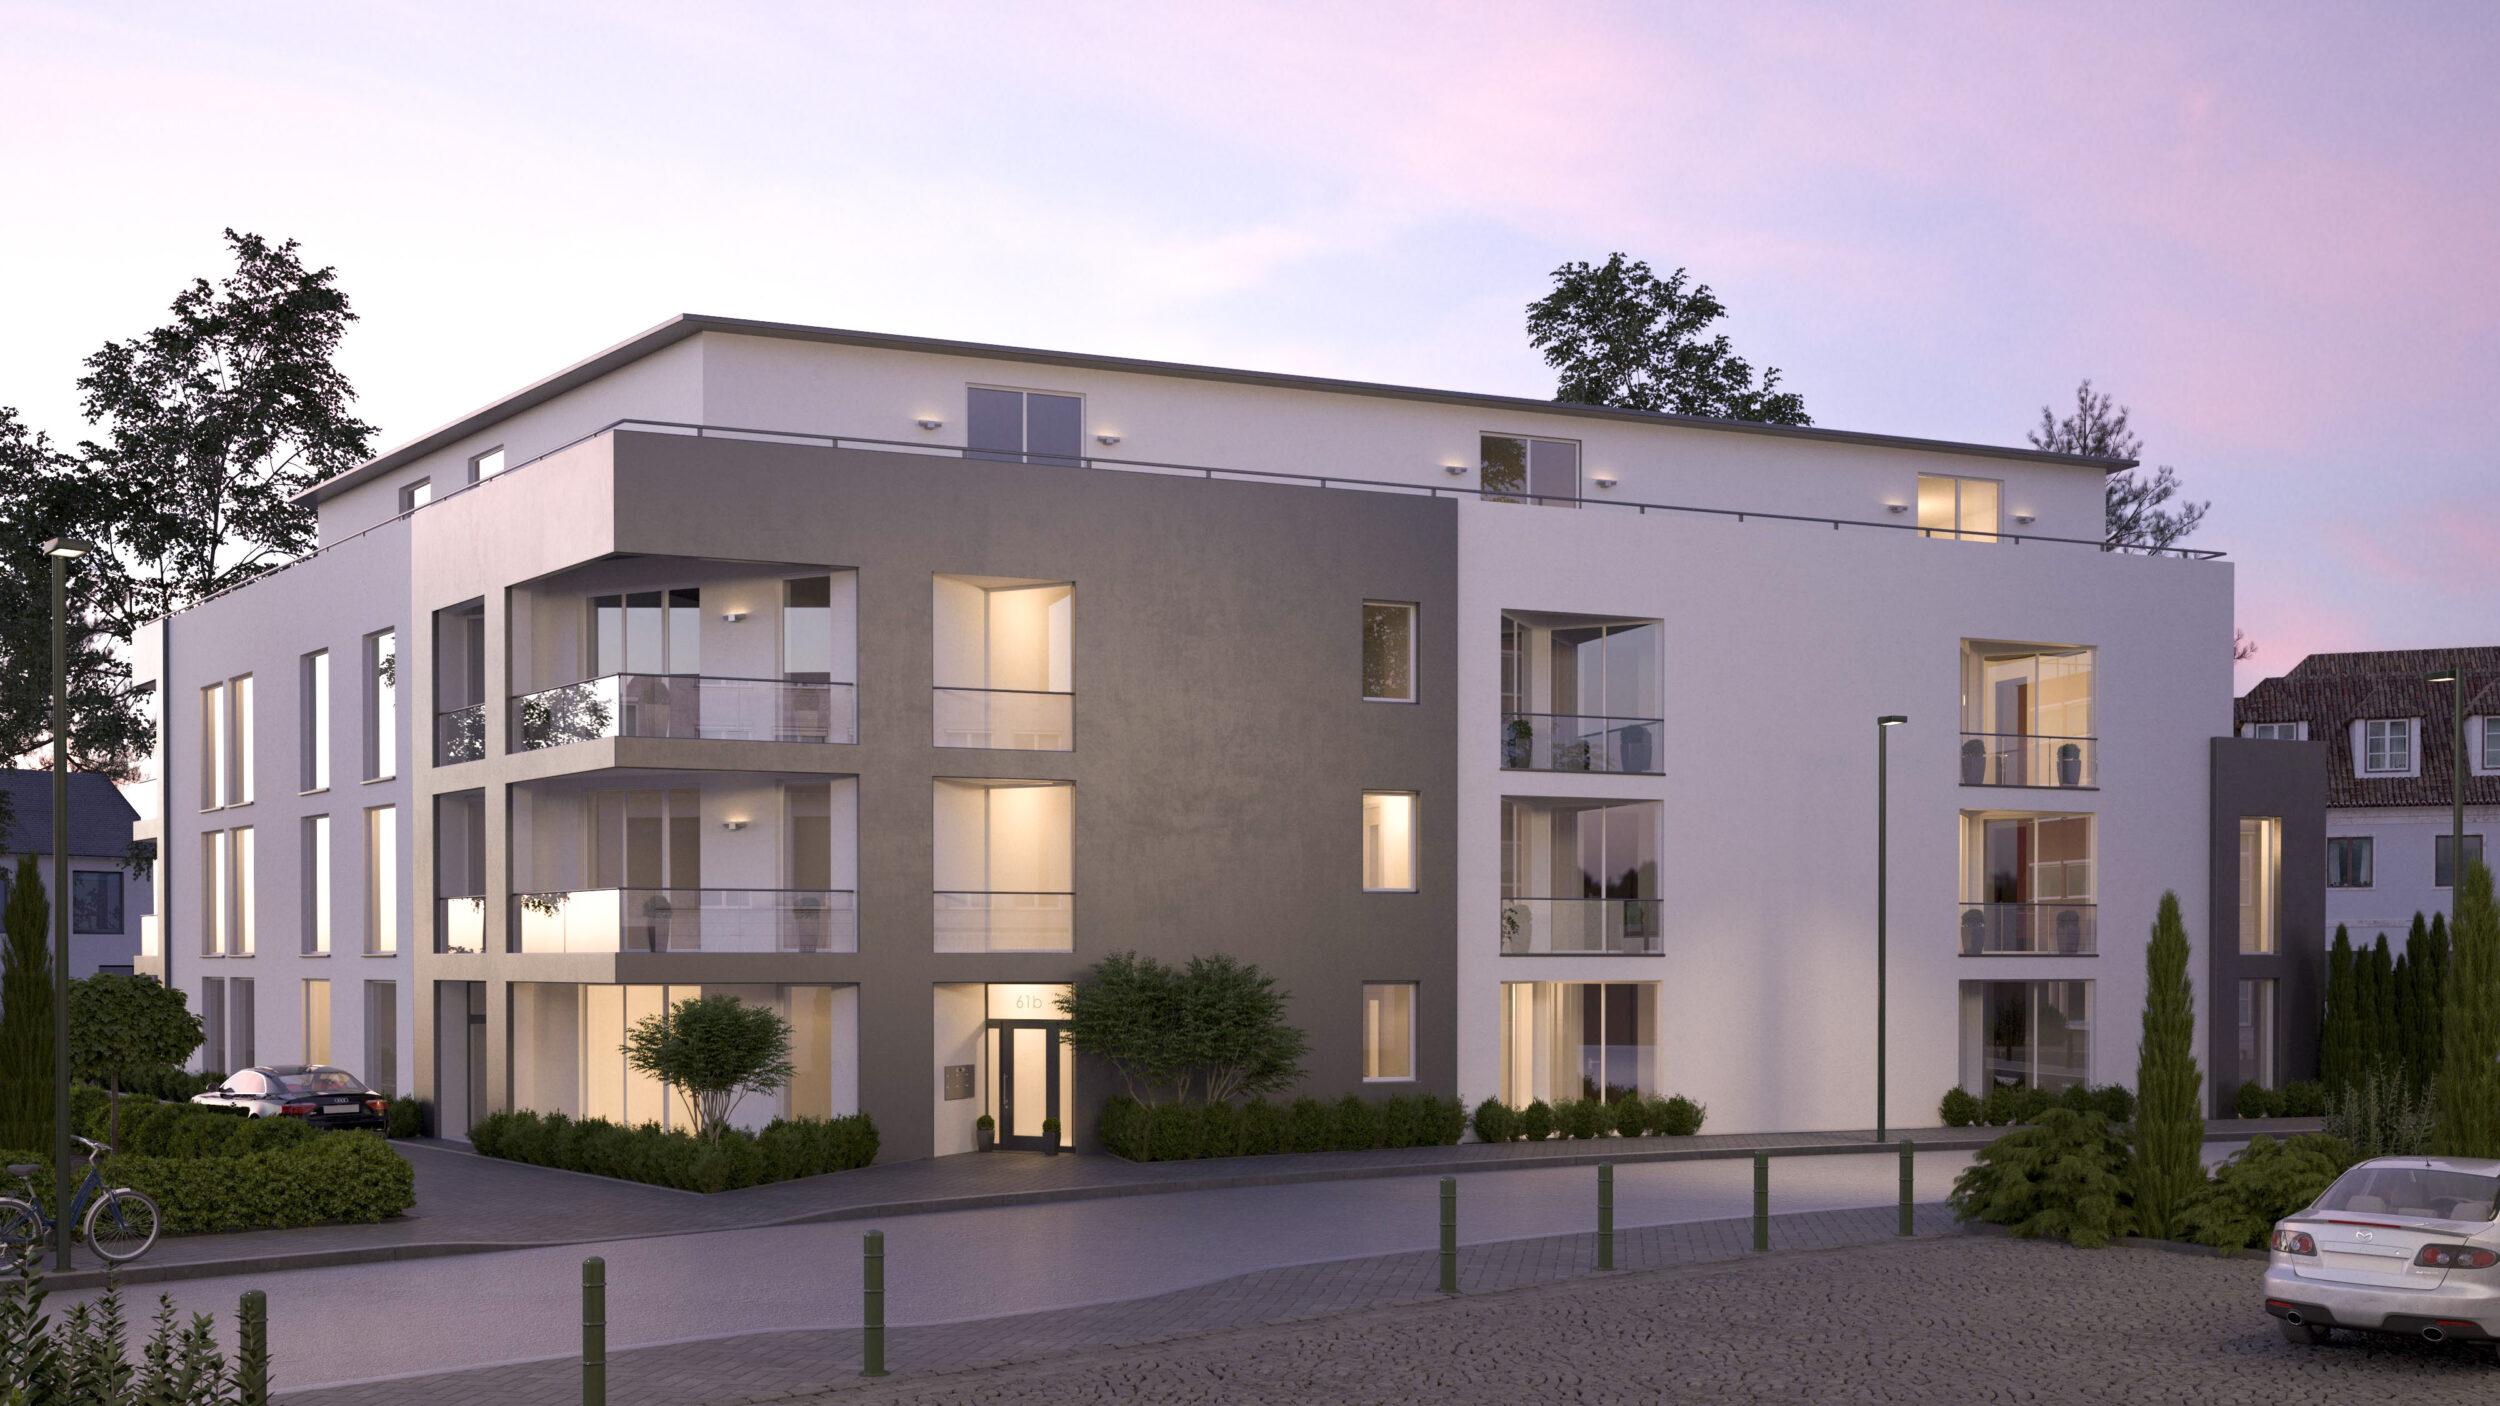 Architekturvisualisierung Düsseldorf